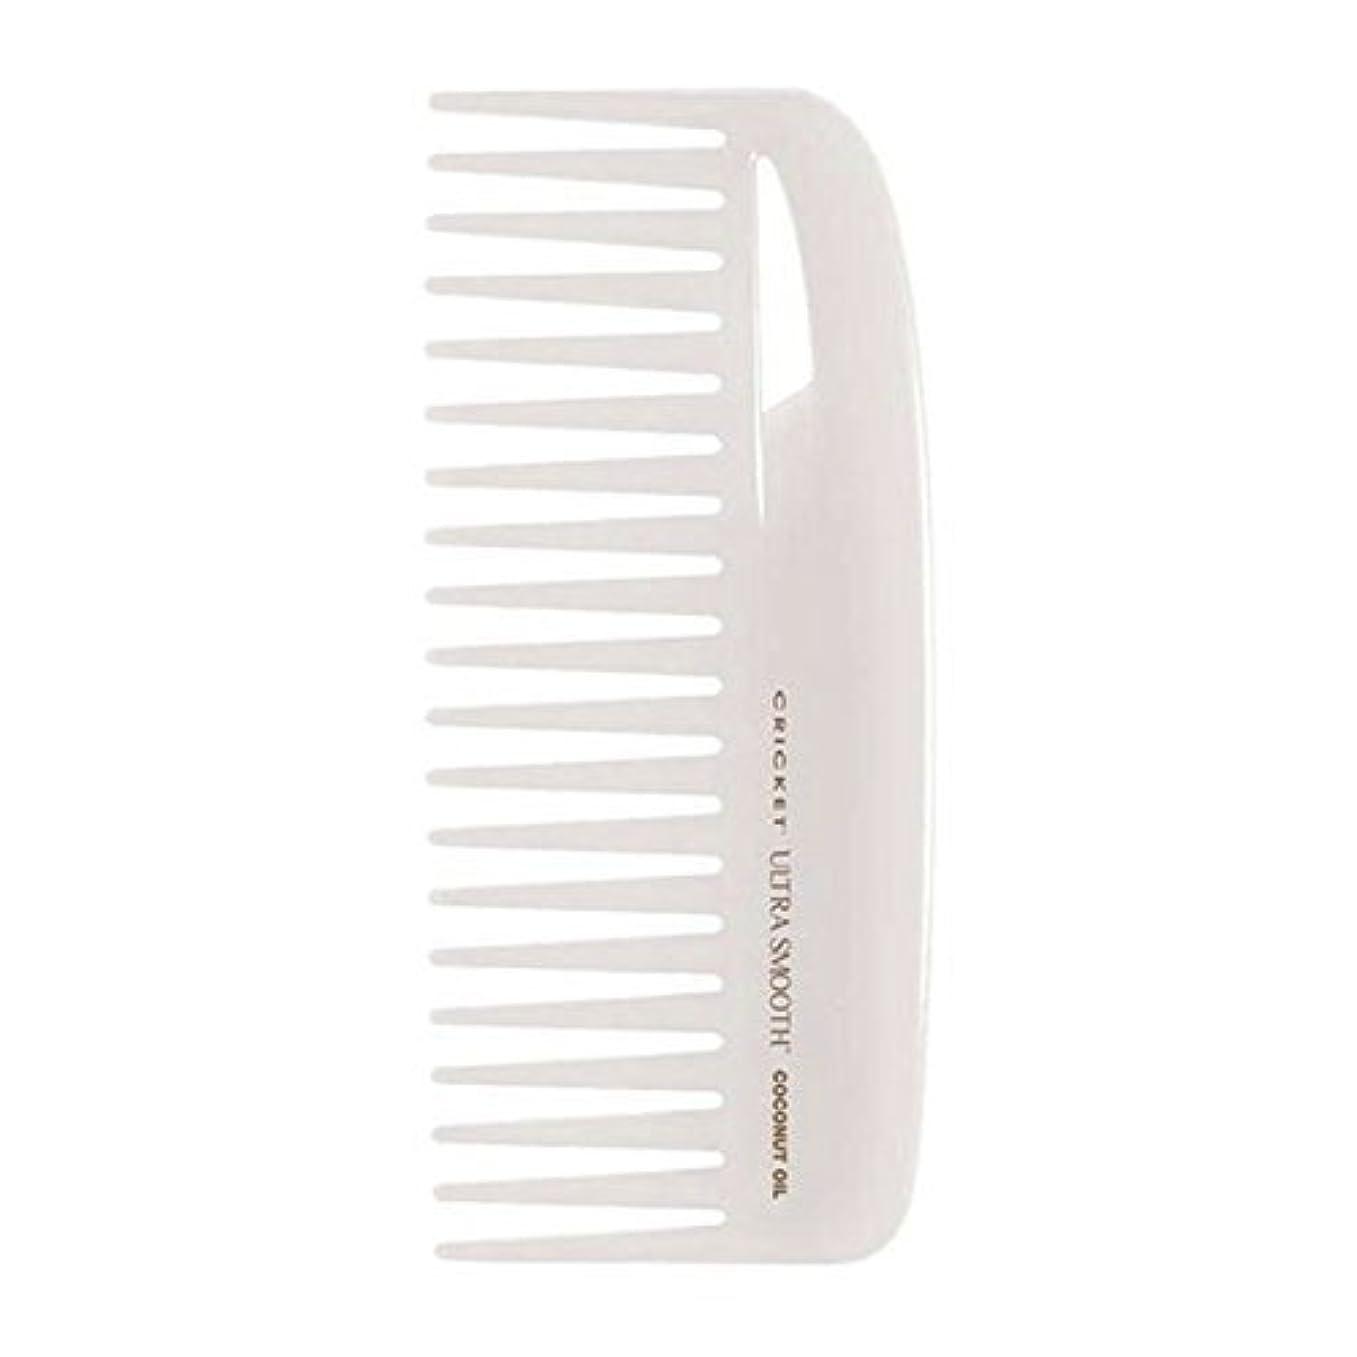 略奪ルーチン殺すCricket Ultra Smooth Coconut Conditioning Comb, 1 Count [並行輸入品]